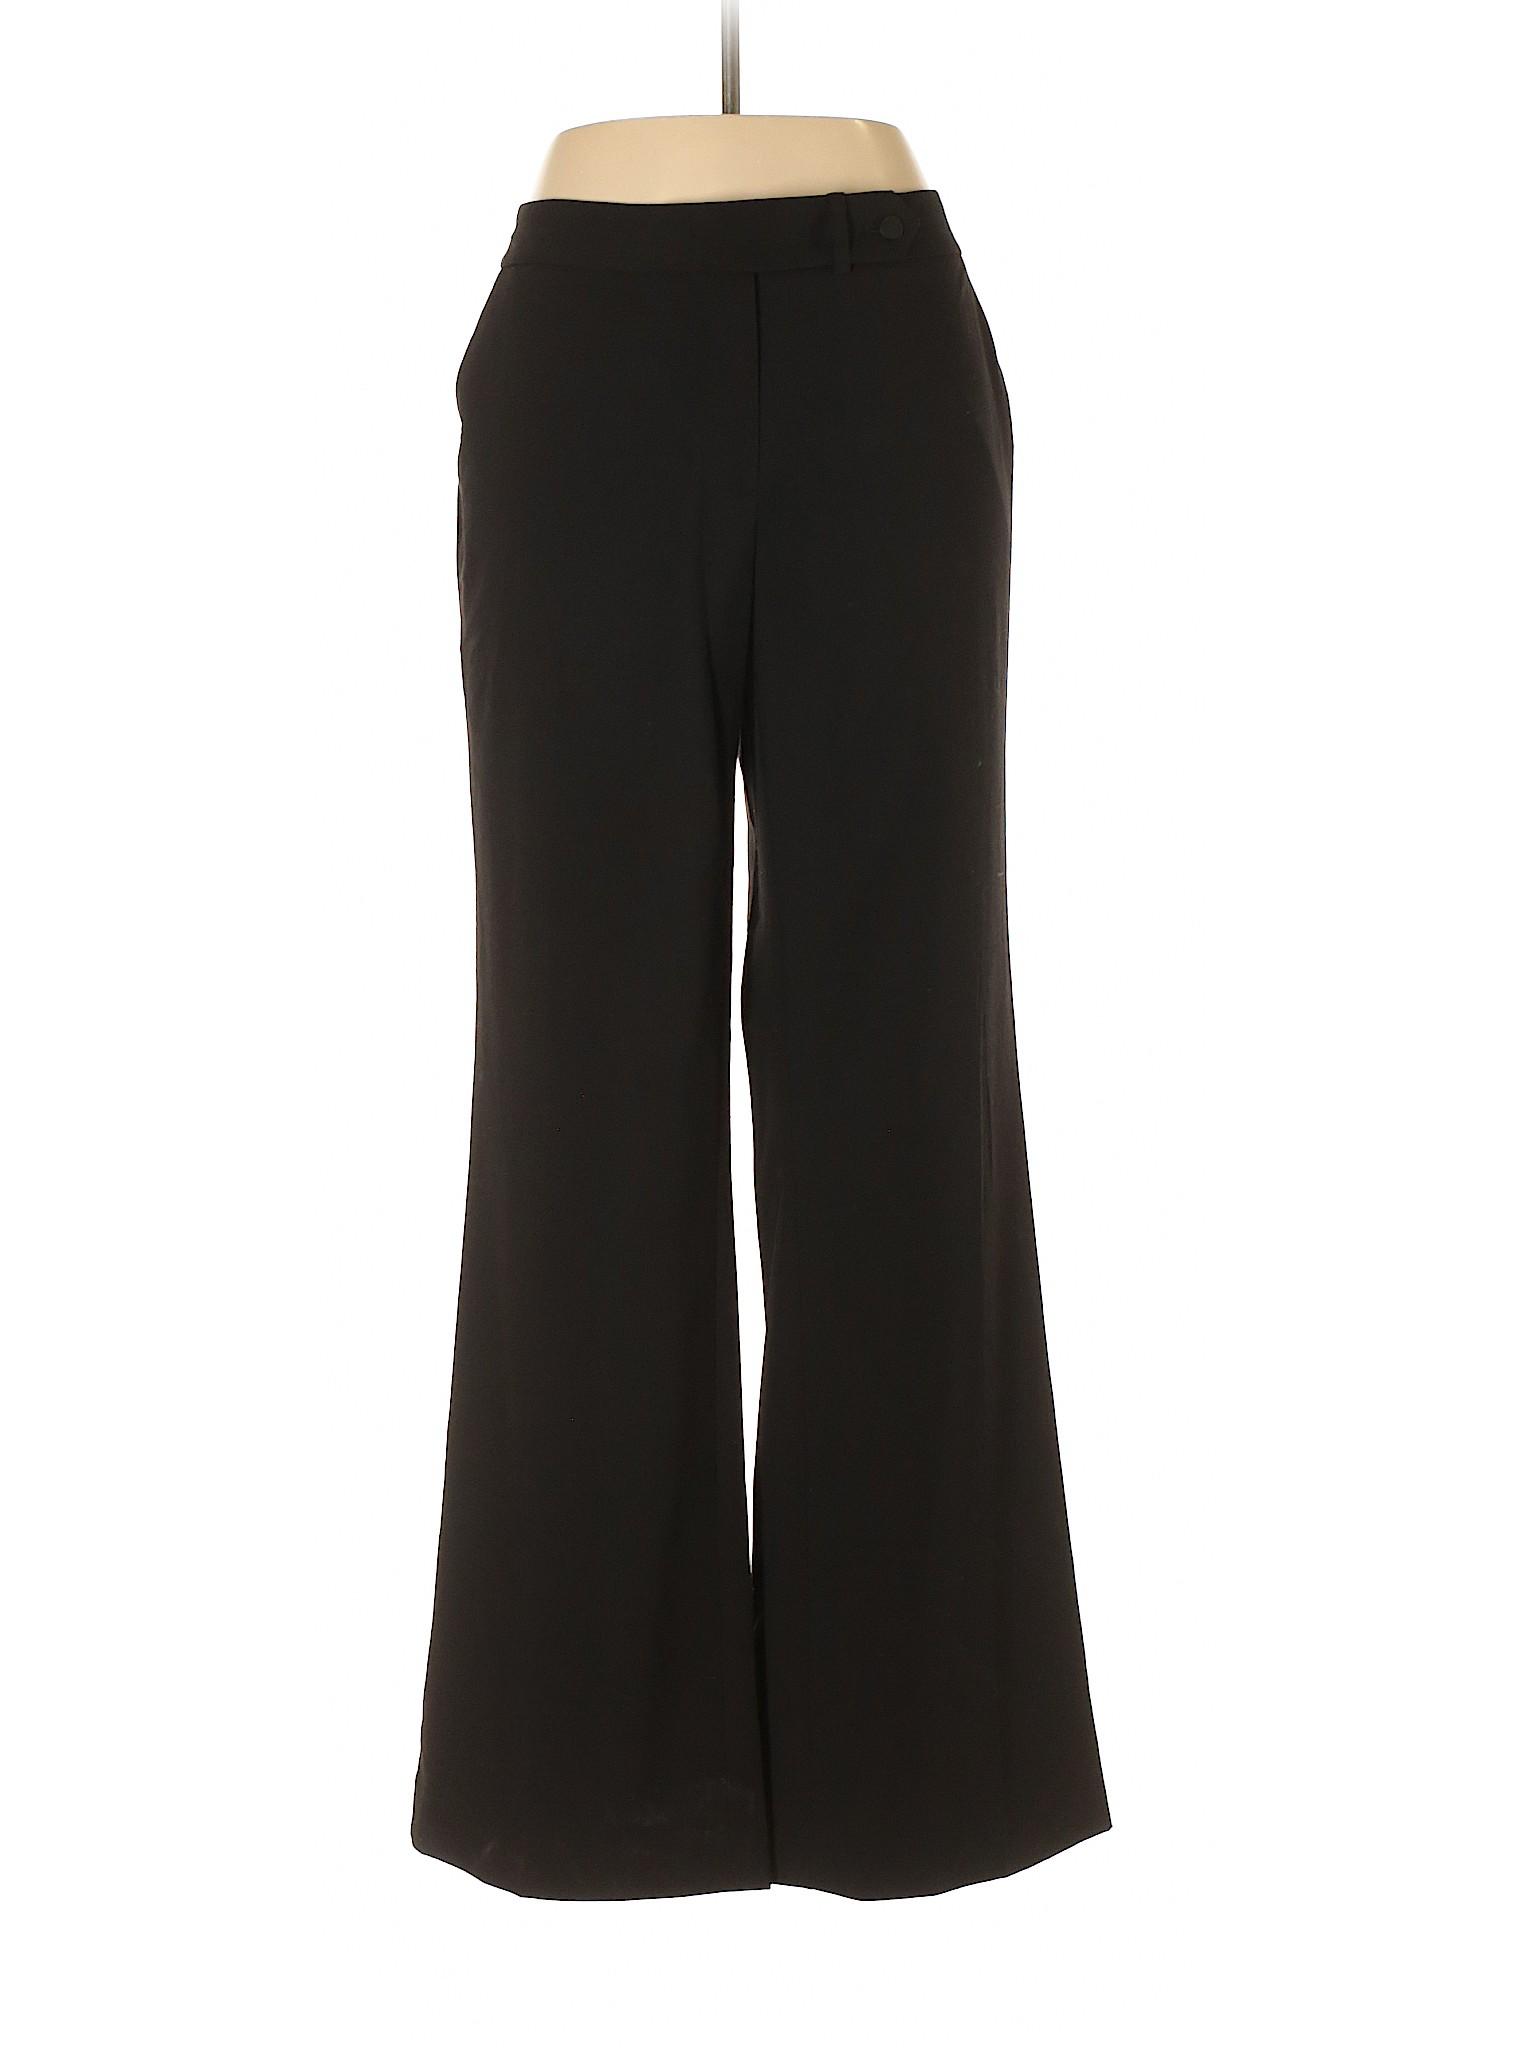 Pants Dress Calvin Klein Boutique leisure xqw1IYP4g